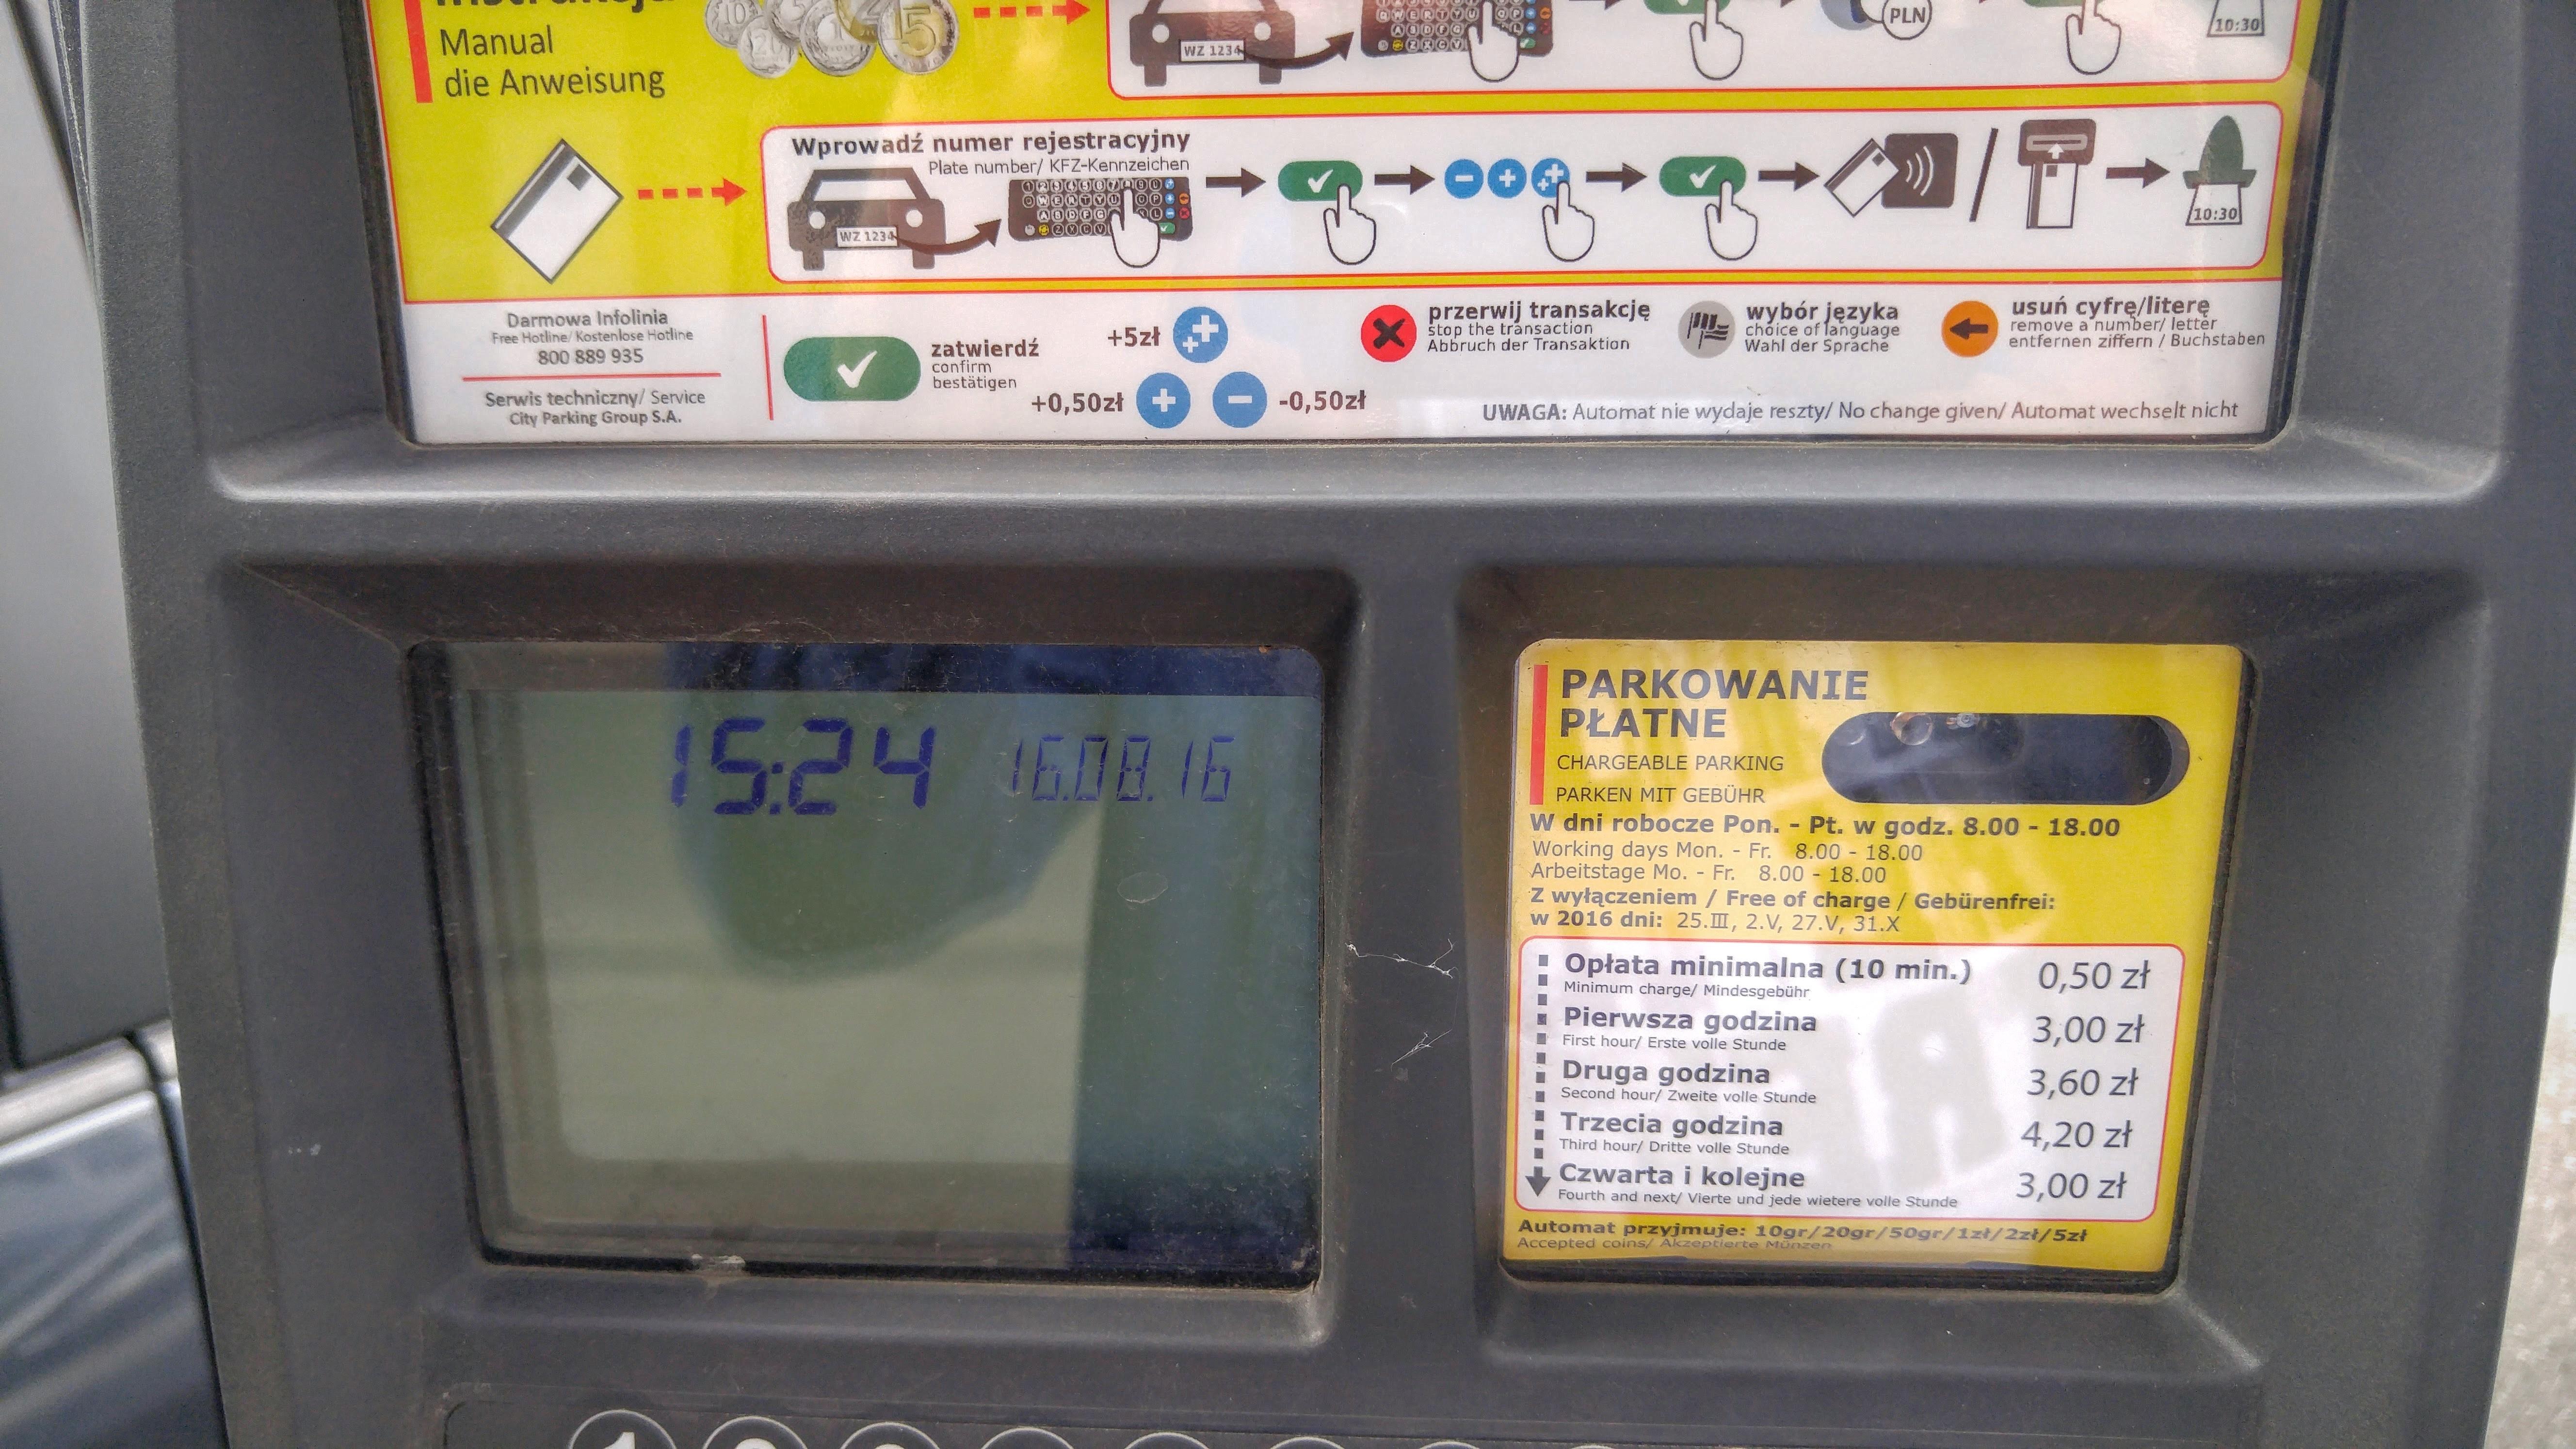 Во всех польских инструкциях, как и на этом паркомате, бесконтактные способы оплаты выводятся на первый план